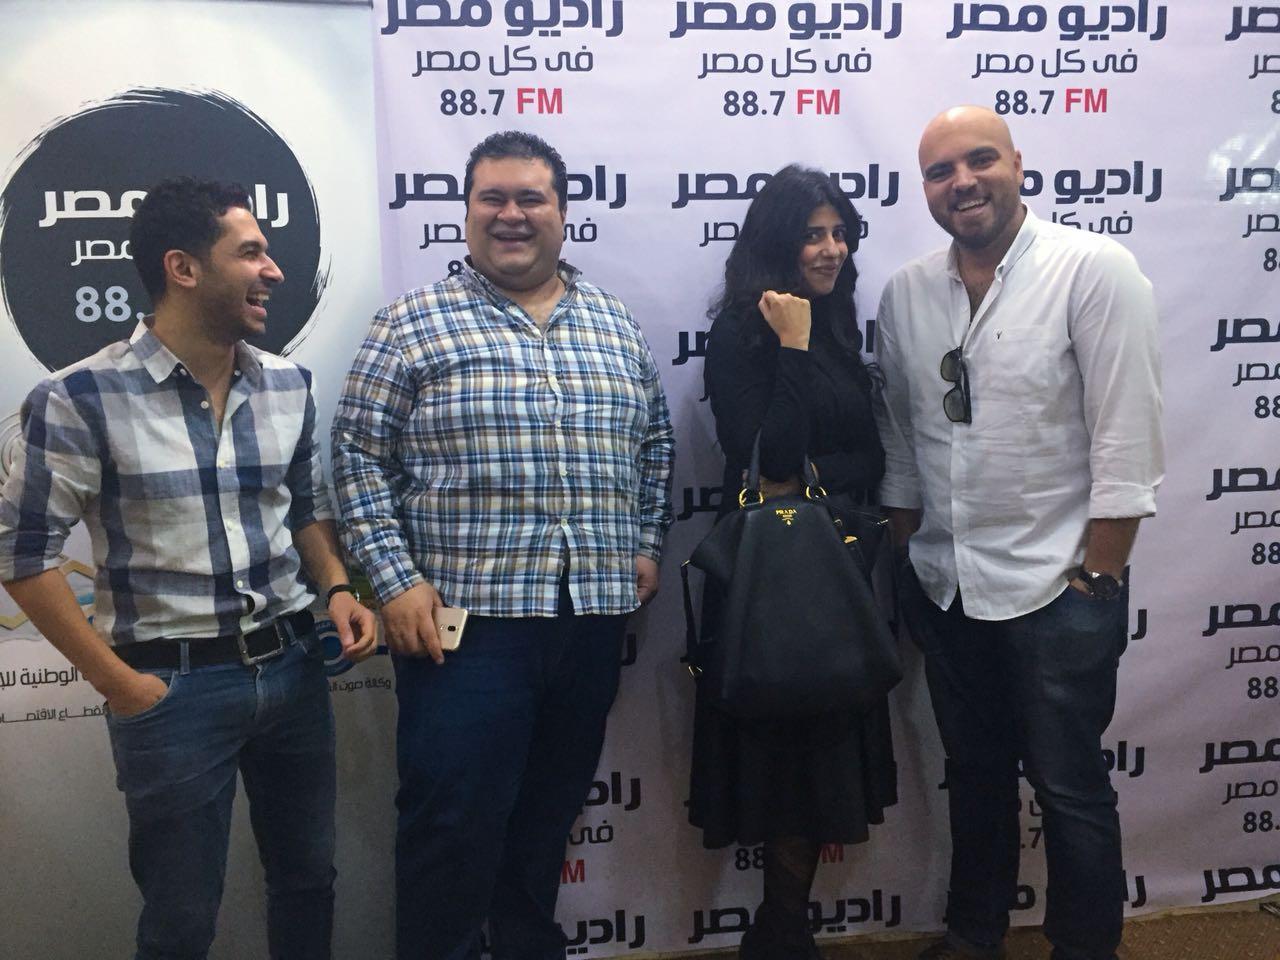 احتفالية راديو مصر (17)